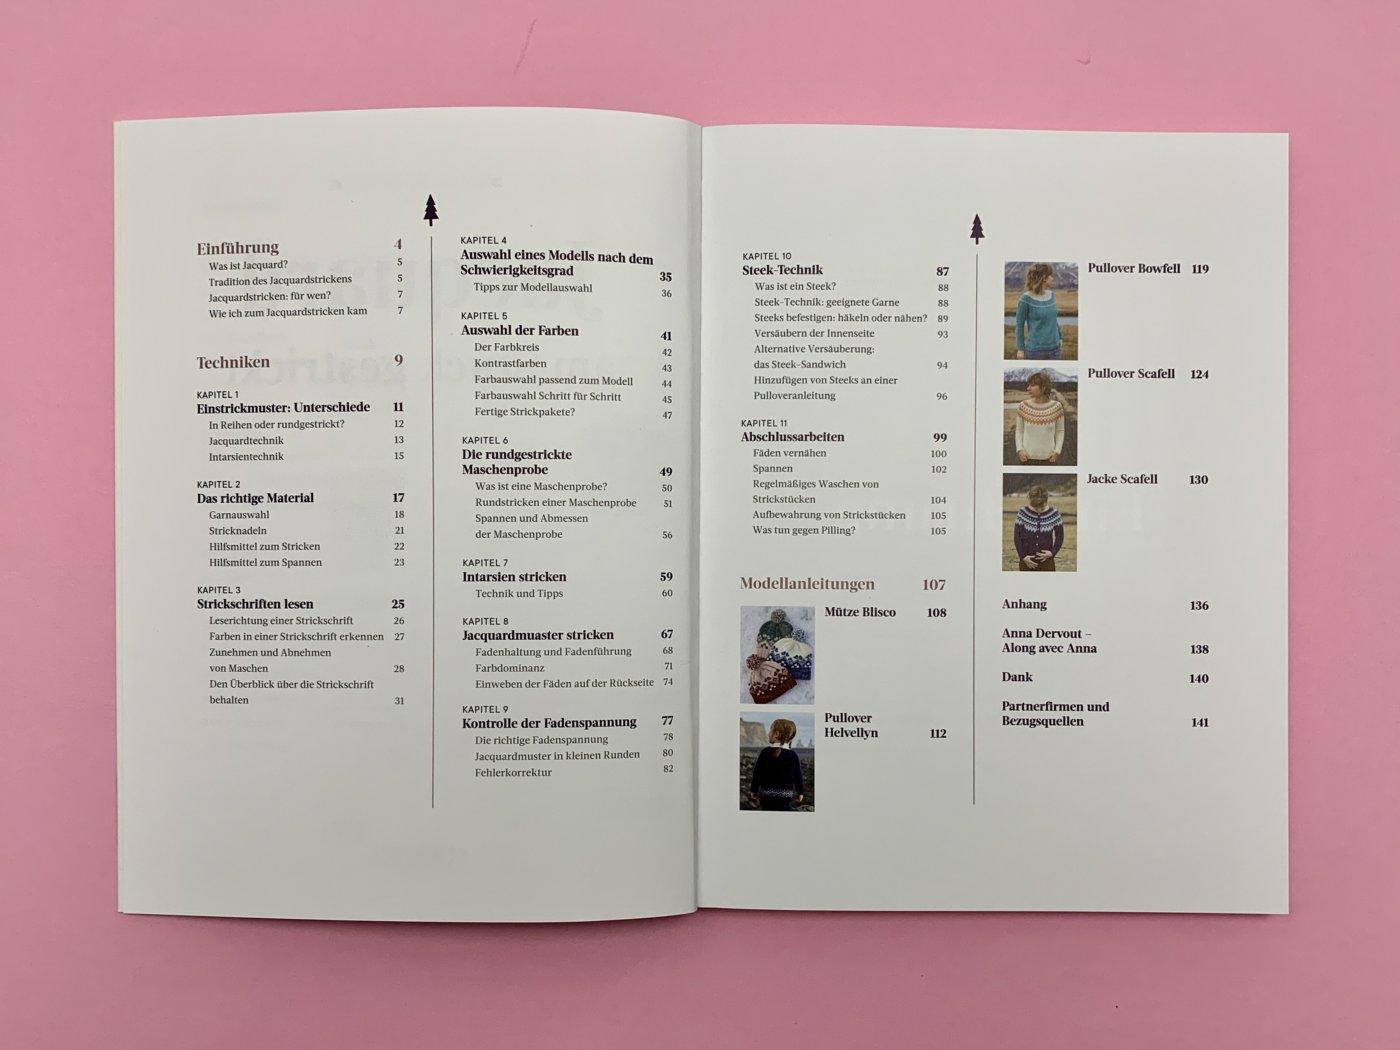 Jacquard - Am Stück gestrickt - Inhaltsverzeichnig